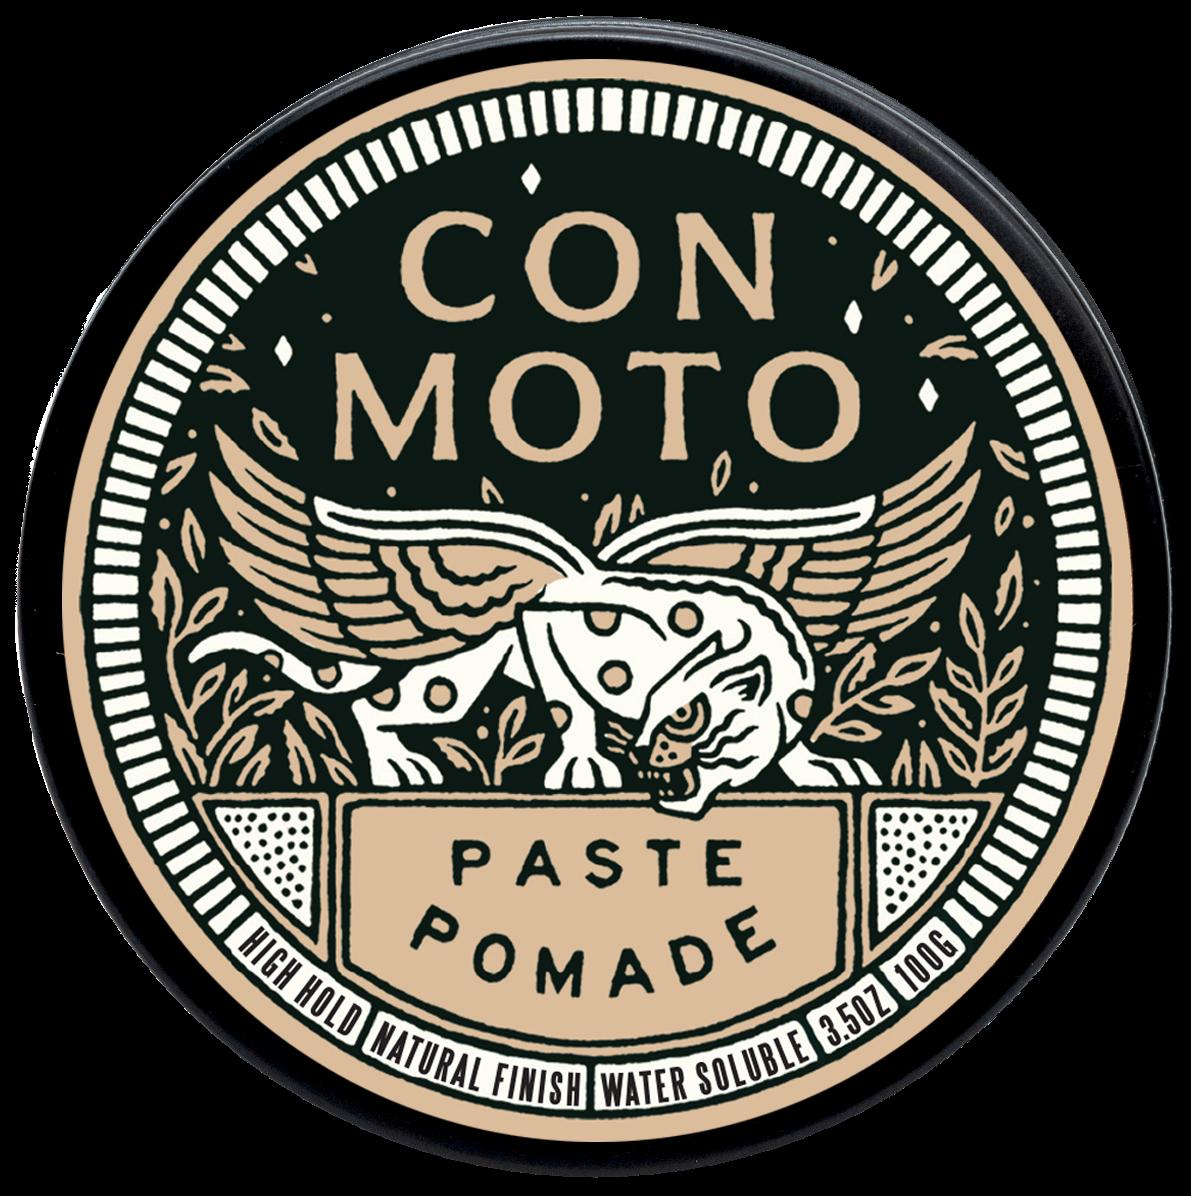 Con_Moto_Paste_Front_Black.png